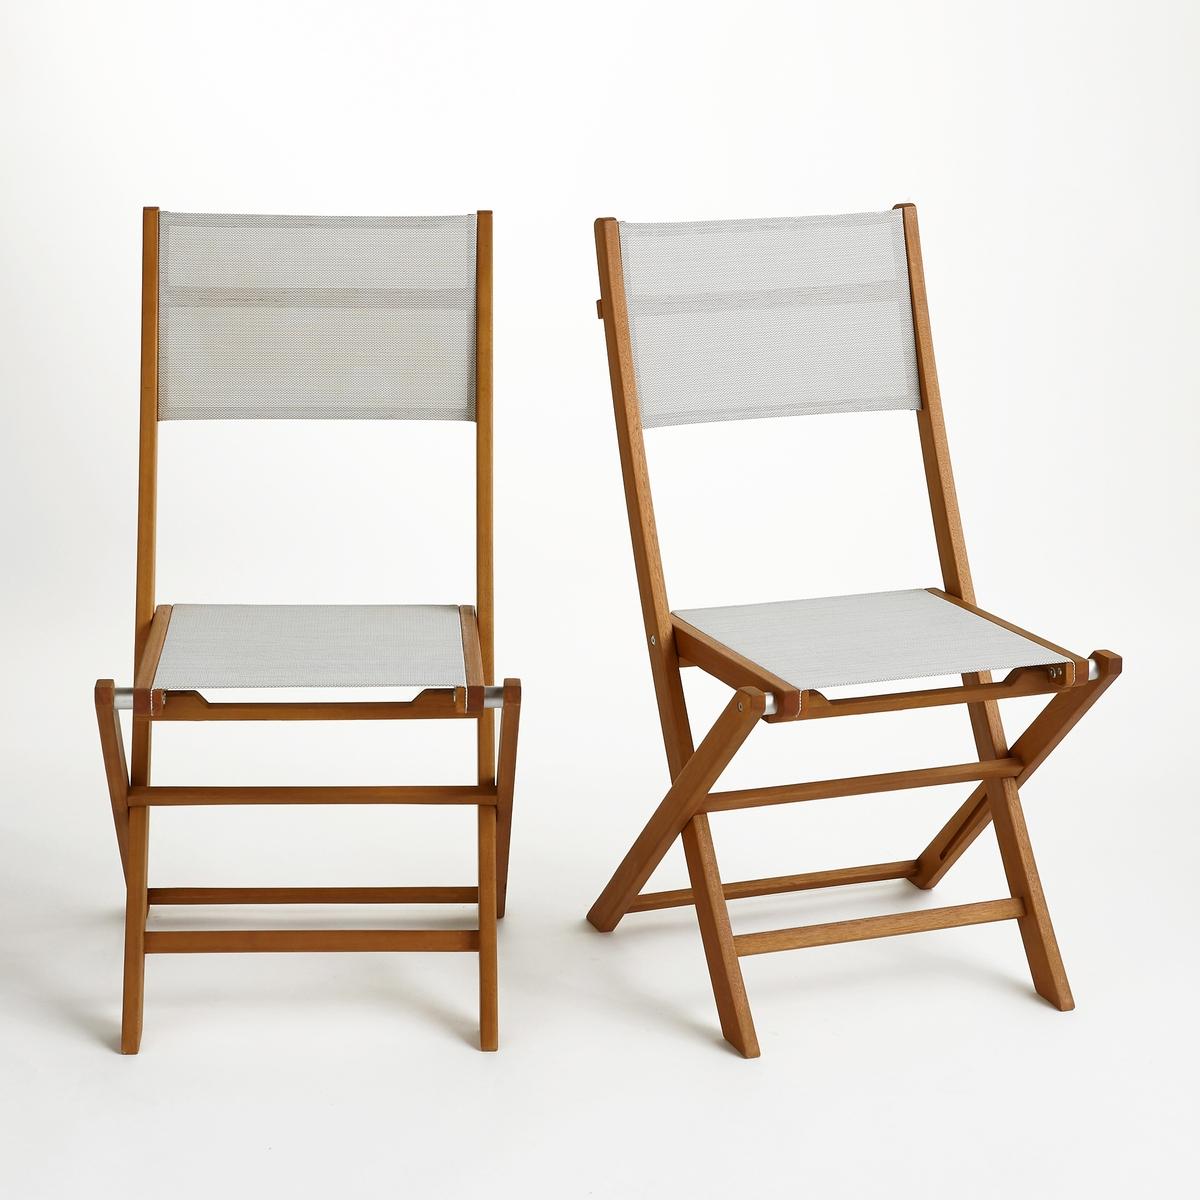 2 стула садовых складных, ExodorХарактеристики 2 садовых складных стула Exodor  :- Из дерева акации с отделкой под тик  -   Сиденье и спинка из полиэстеровых волокон, покрытых ПВХ, легкая и мягкая ткань, сочетающая комфорт и прочность  . Не греется на солнце и быстро сохнет.   Обработка с УВ-защитой, устойчивость к разрывам и плесени.- легко складываются для облегчения хранения     Найдите другие модели из коллекции Exodor на сайте laredoute    .ru                           Размеры 2 складных садовых стульев Exodor      :                                                    Общие : 48 x 92 x 53 см         Сиденье : 39,4 x 35 x 37,5 см                                Размер и вес с упаковкой :107 x 50 x 20 см   9 кгДоставка :Садовый стул Exodor продается в собранном виде  .  !!  .<br><br>Цвет: бежевый меланж